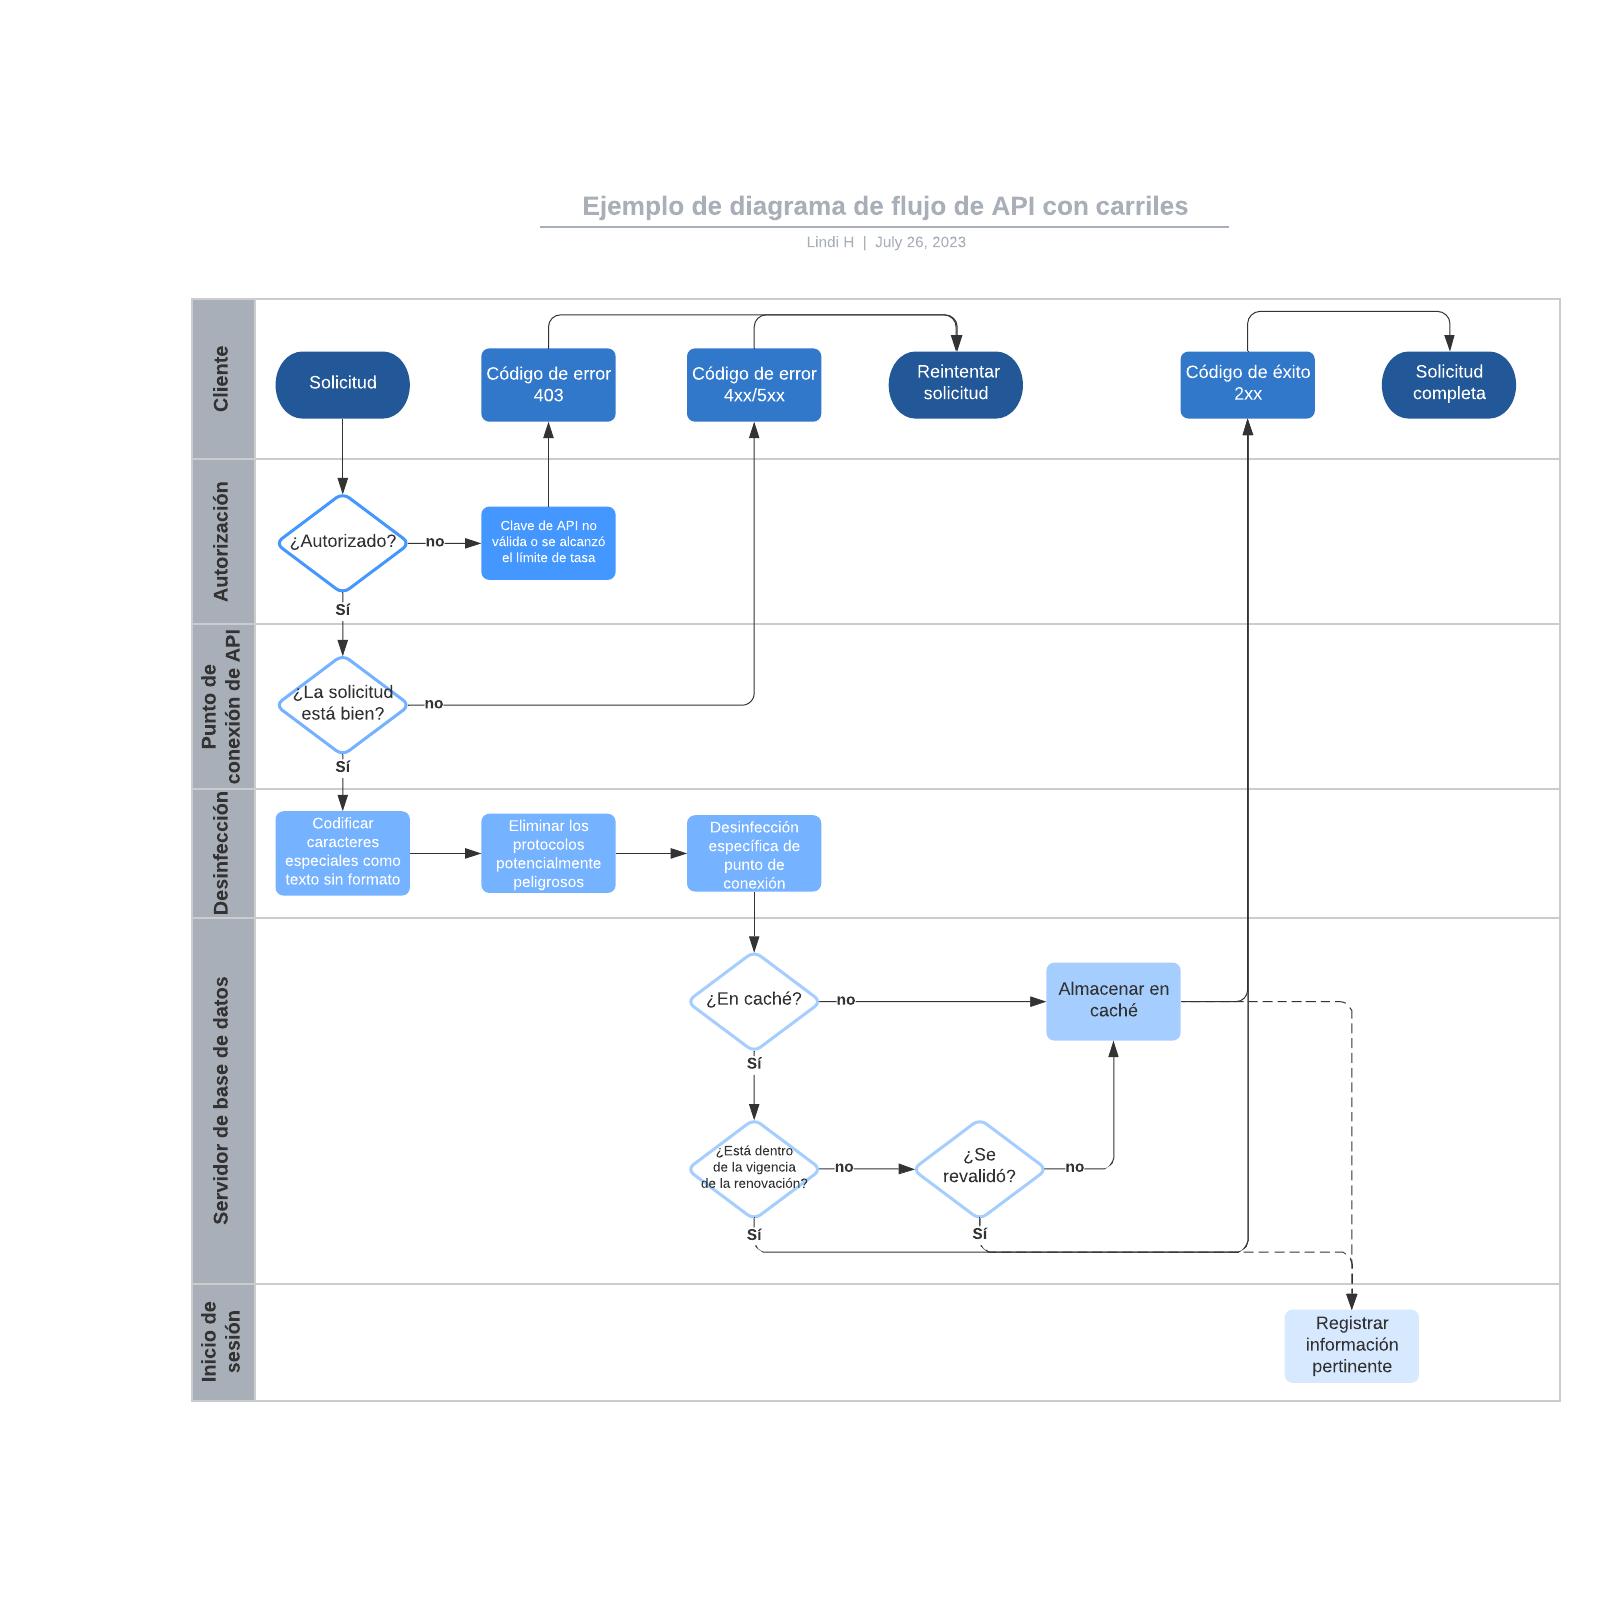 Ejemplo de diagrama de flujo de API con carriles